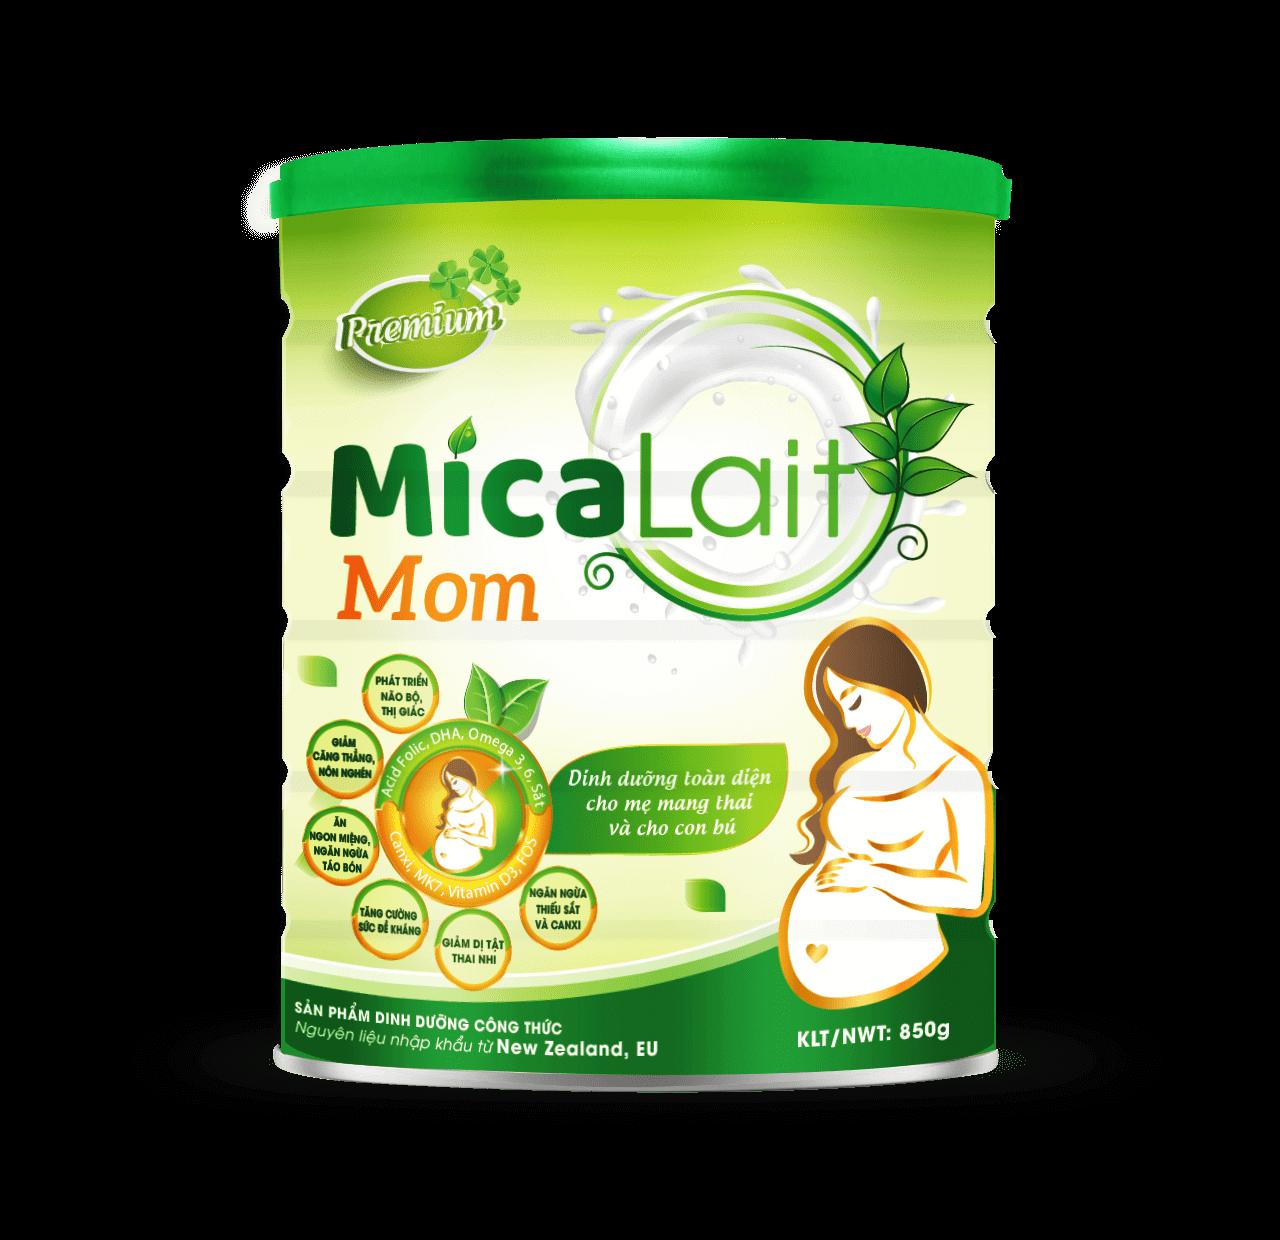 Sữa Micalait Mom